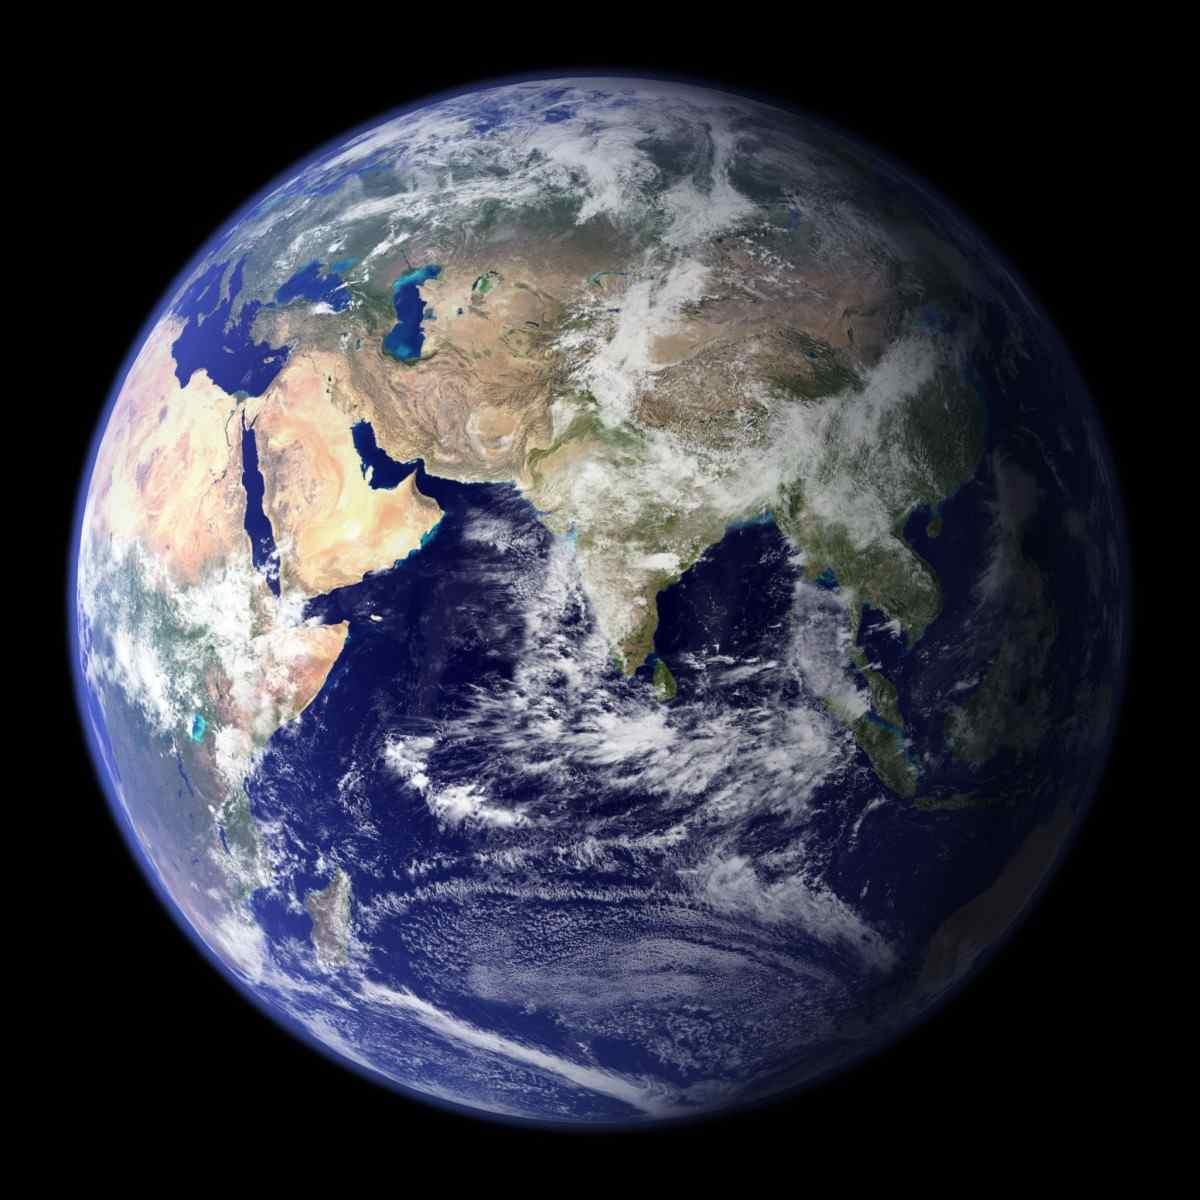 Сегодня в городах Краснодарского края пройдёт экологическая акция «Час земли»